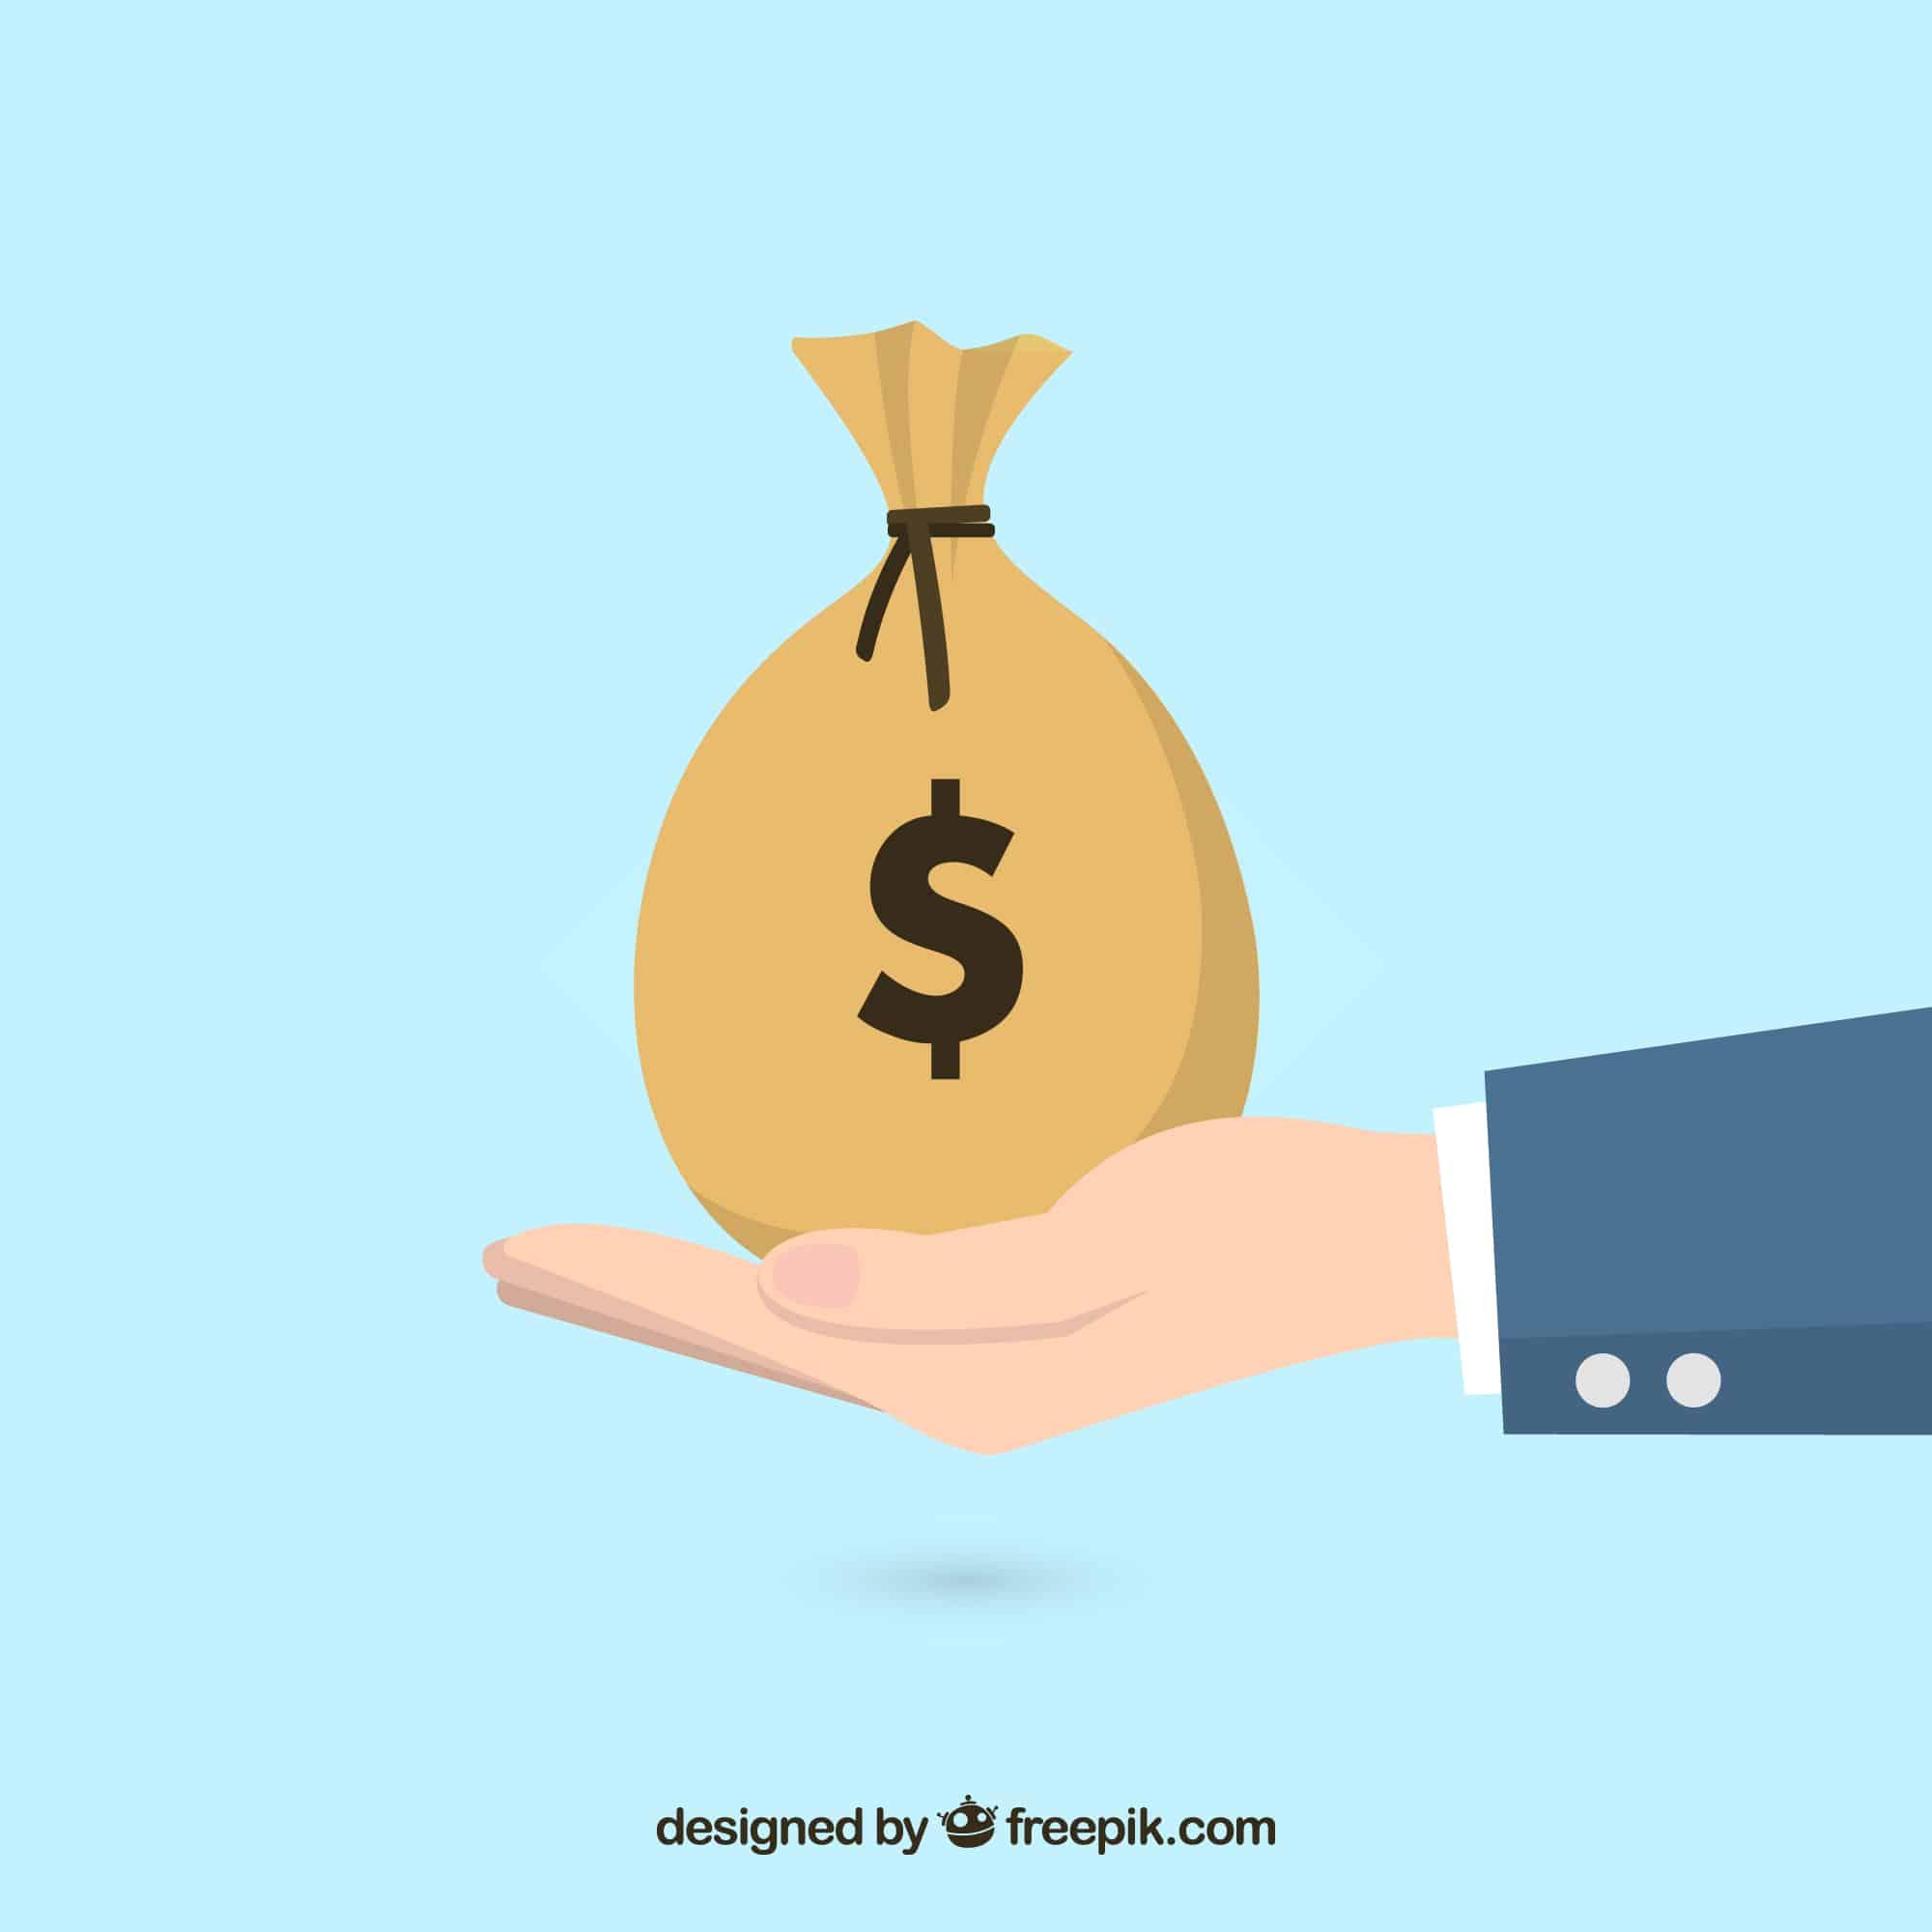 南投融資借錢|閃兌機車貸、1~15萬、快速貸款 ,最快2小時就能拿